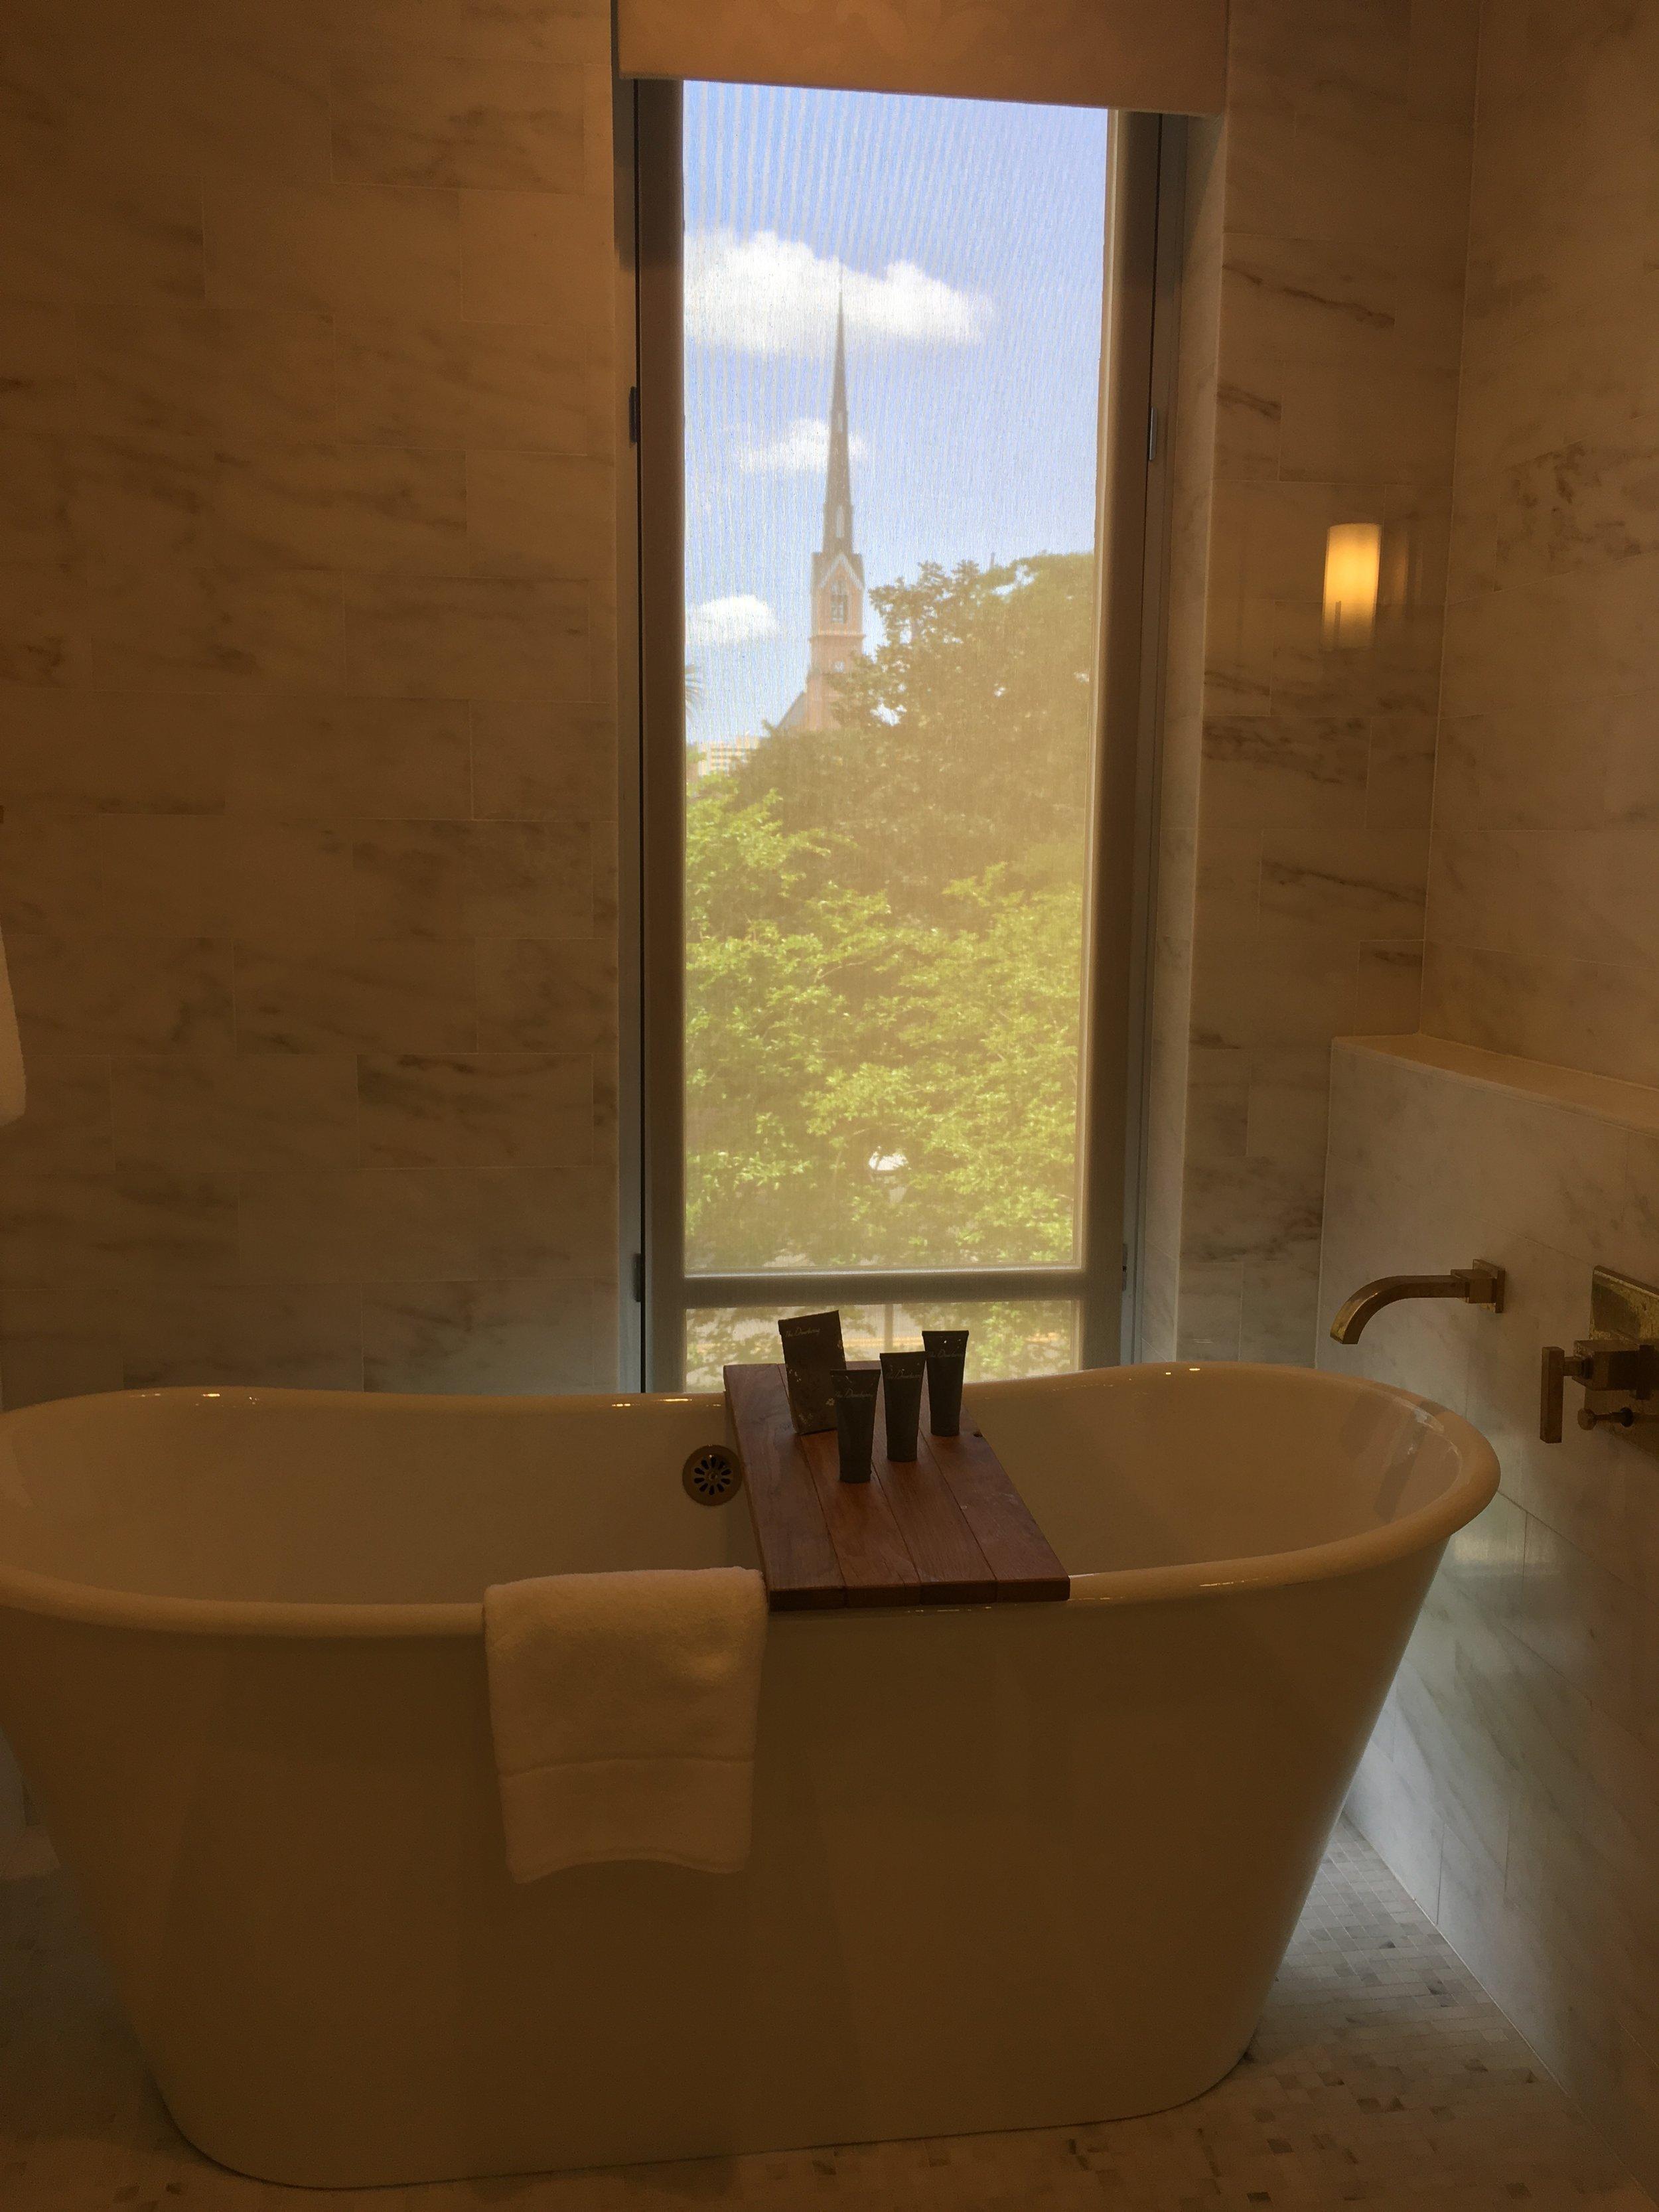 Wanderlust-blog-Charleston-Dewberry-hotel-view